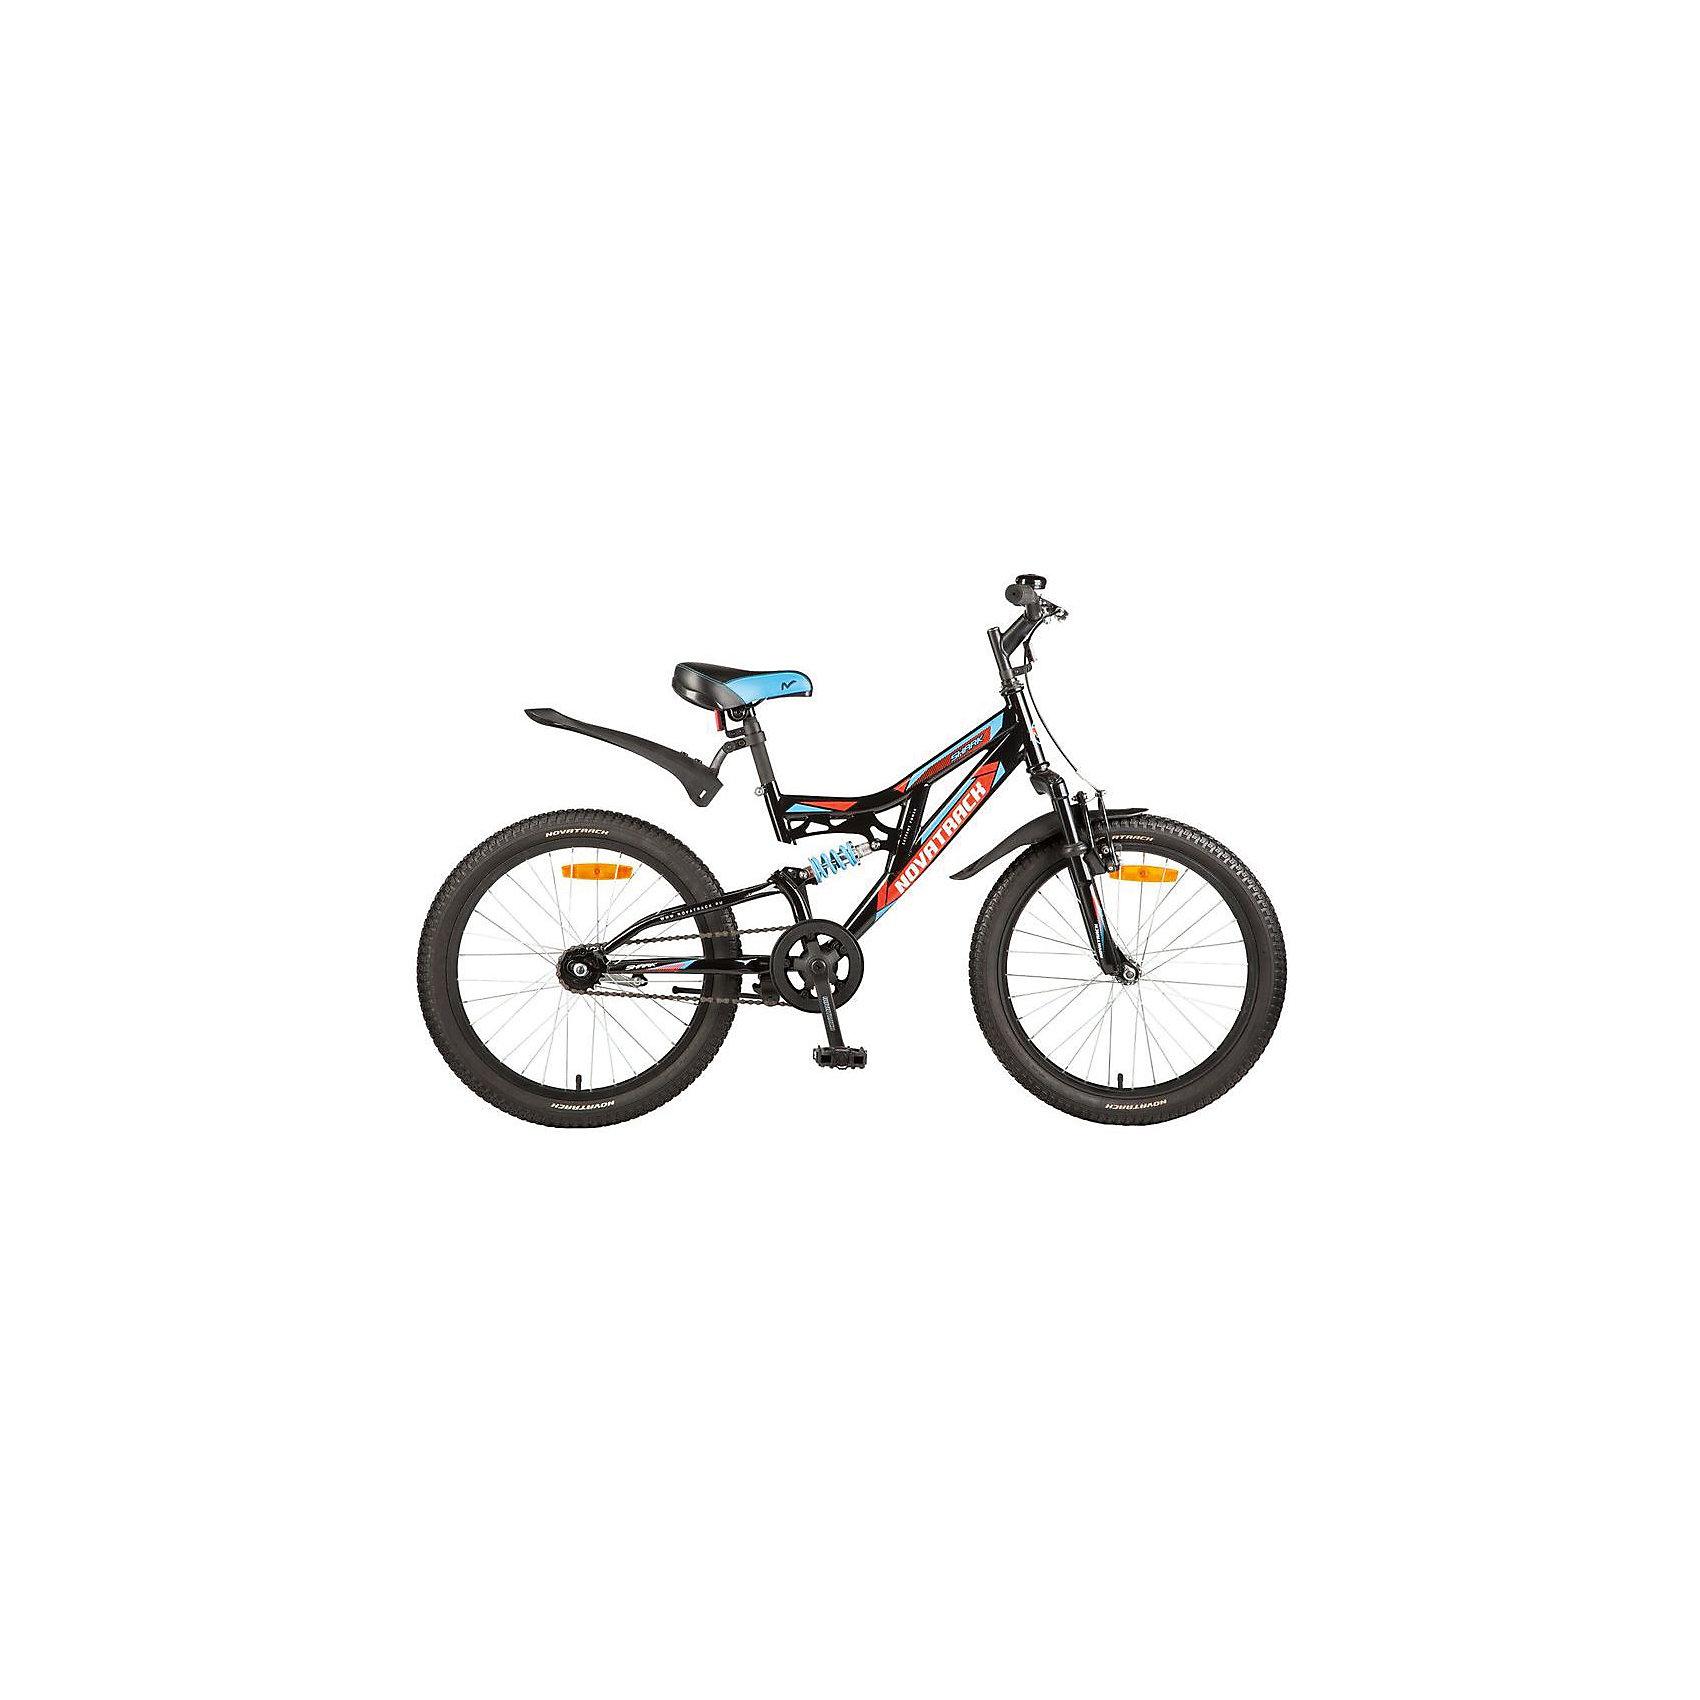 Велосипед SHARK, черный, 20 дюймов, NovatrackВелосипеды детские<br>Характеристики товара:<br><br>• цвет: черный<br>• возраст: от 7 лет<br>• стальная рама<br>• мягкое регулируемое по высоте седло<br>• руль регулируется по высоте<br>• диаметр колес: 20 дюймов<br>• надежные тормоза типа V-brake<br>• передний и задний амортизаторы<br>• 6 скоростей<br>• крылья защитят от грязи и брызг<br>• мягкие накладки на руле<br>• катафоты<br><br>Велосипед Shark 20'' – это мечта любого мальчишки 7-10 лет. Это легко управляемый велосипед-двухподвес, который станет предметом гордости и постоянным спутником во время летних прогулок. <br><br>Shark 20'' самая подходящая модель для катания не только во дворе, но и в парках, а также за городом.<br><br>Велосипед SHARK, черный, 20 дюймов, Novatrack можно купить в нашем интернет-магазине.<br><br>Ширина мм: 1100<br>Глубина мм: 180<br>Высота мм: 520<br>Вес г: 14000<br>Возраст от месяцев: 84<br>Возраст до месяцев: 120<br>Пол: Унисекс<br>Возраст: Детский<br>SKU: 5613222